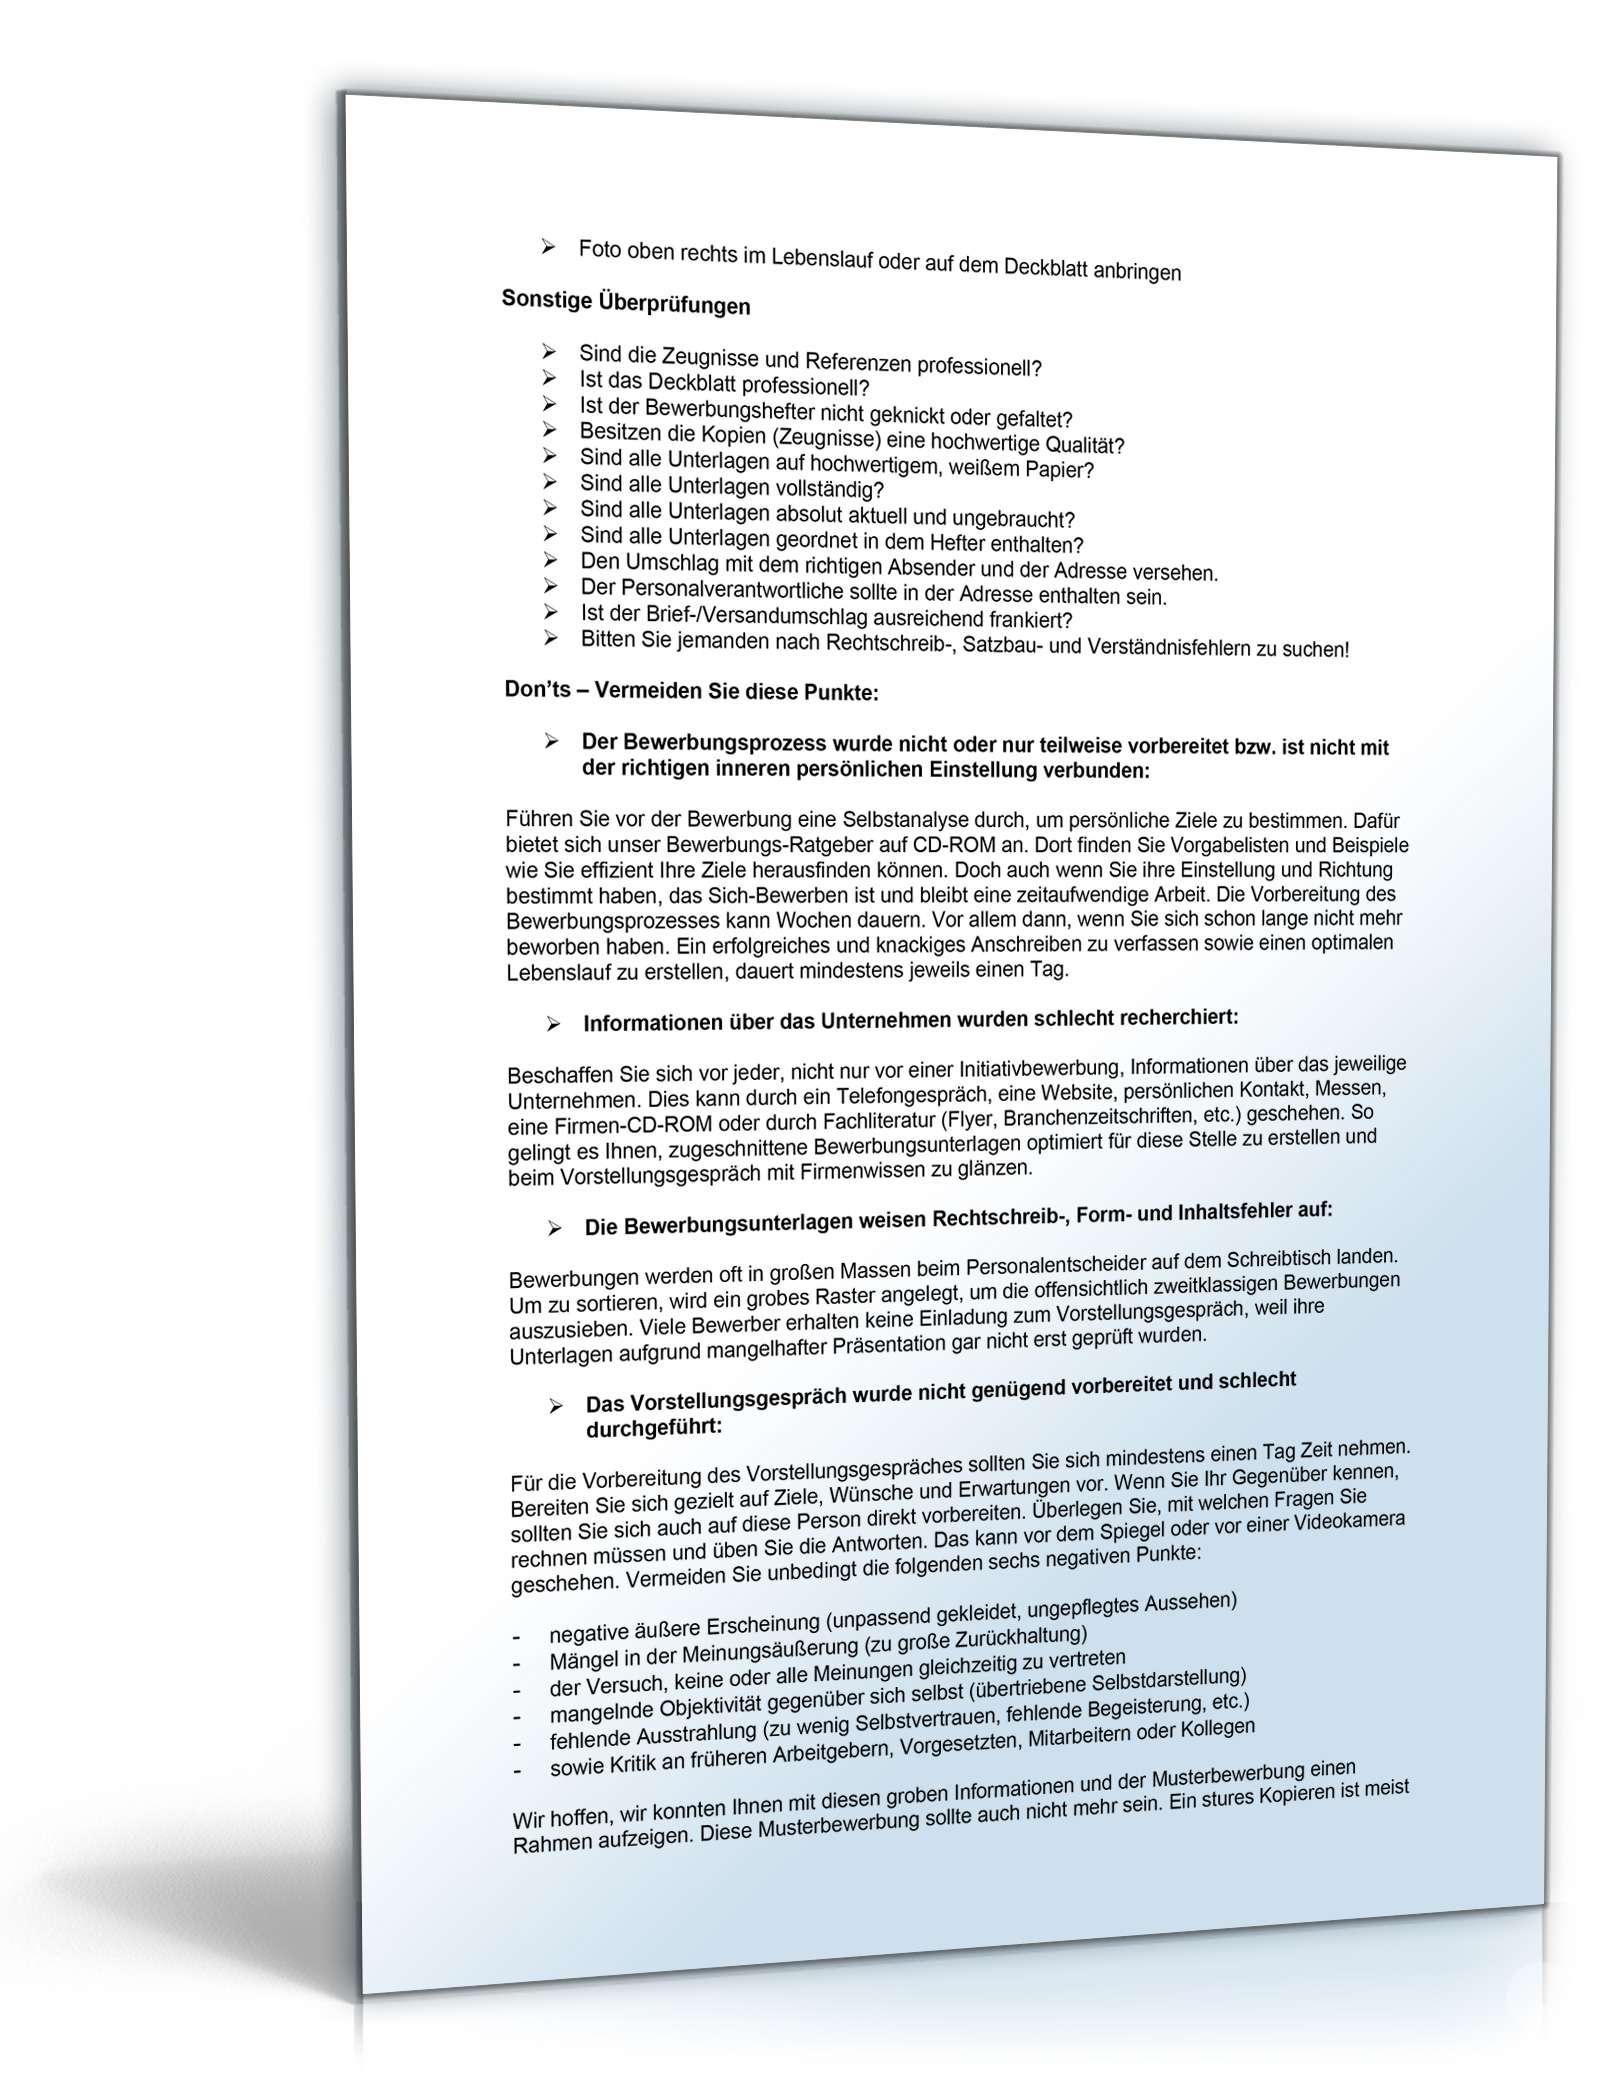 Ausgezeichnet Website Sicherheitsplan Vorlage Bilder - Beispiel ...